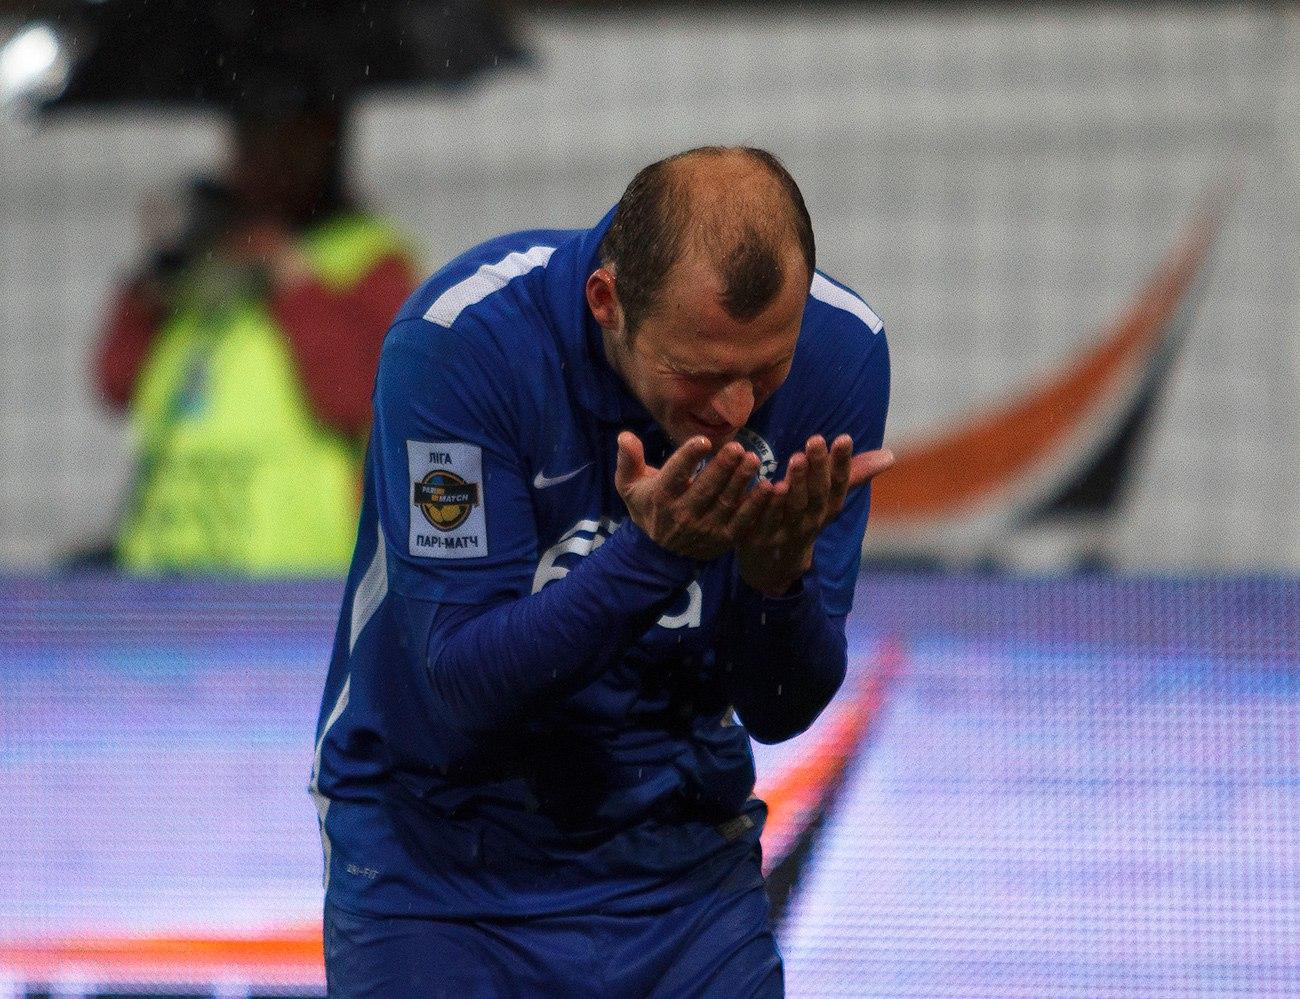 Испанцы выступили против прихода украинского футболиста